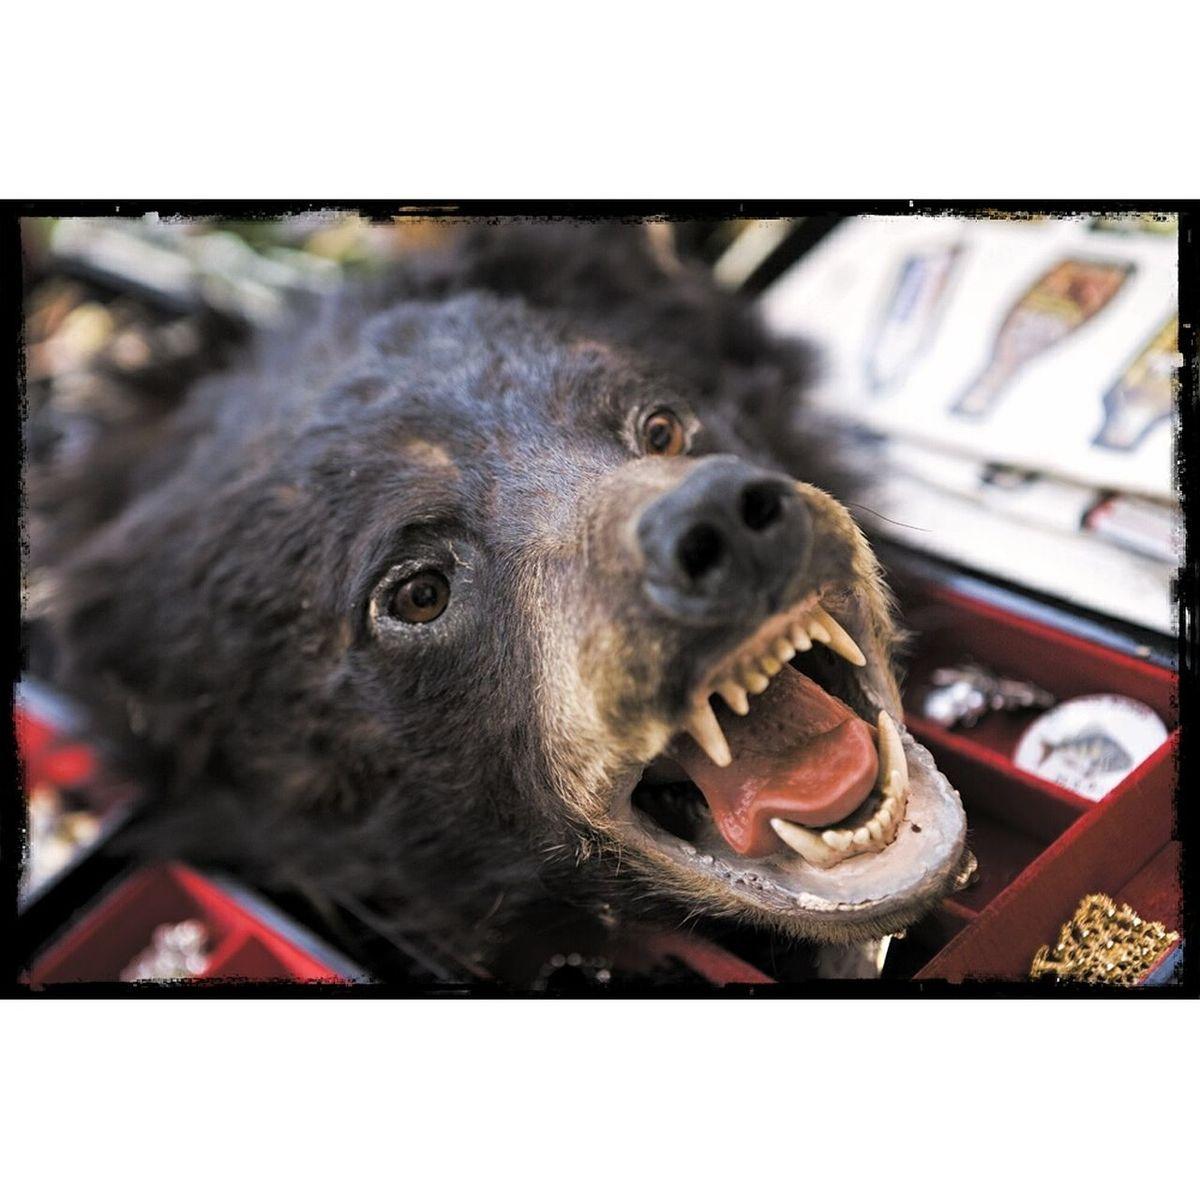 flea market 6 Fleamarket Bear Head Fangs Stuffed Animals